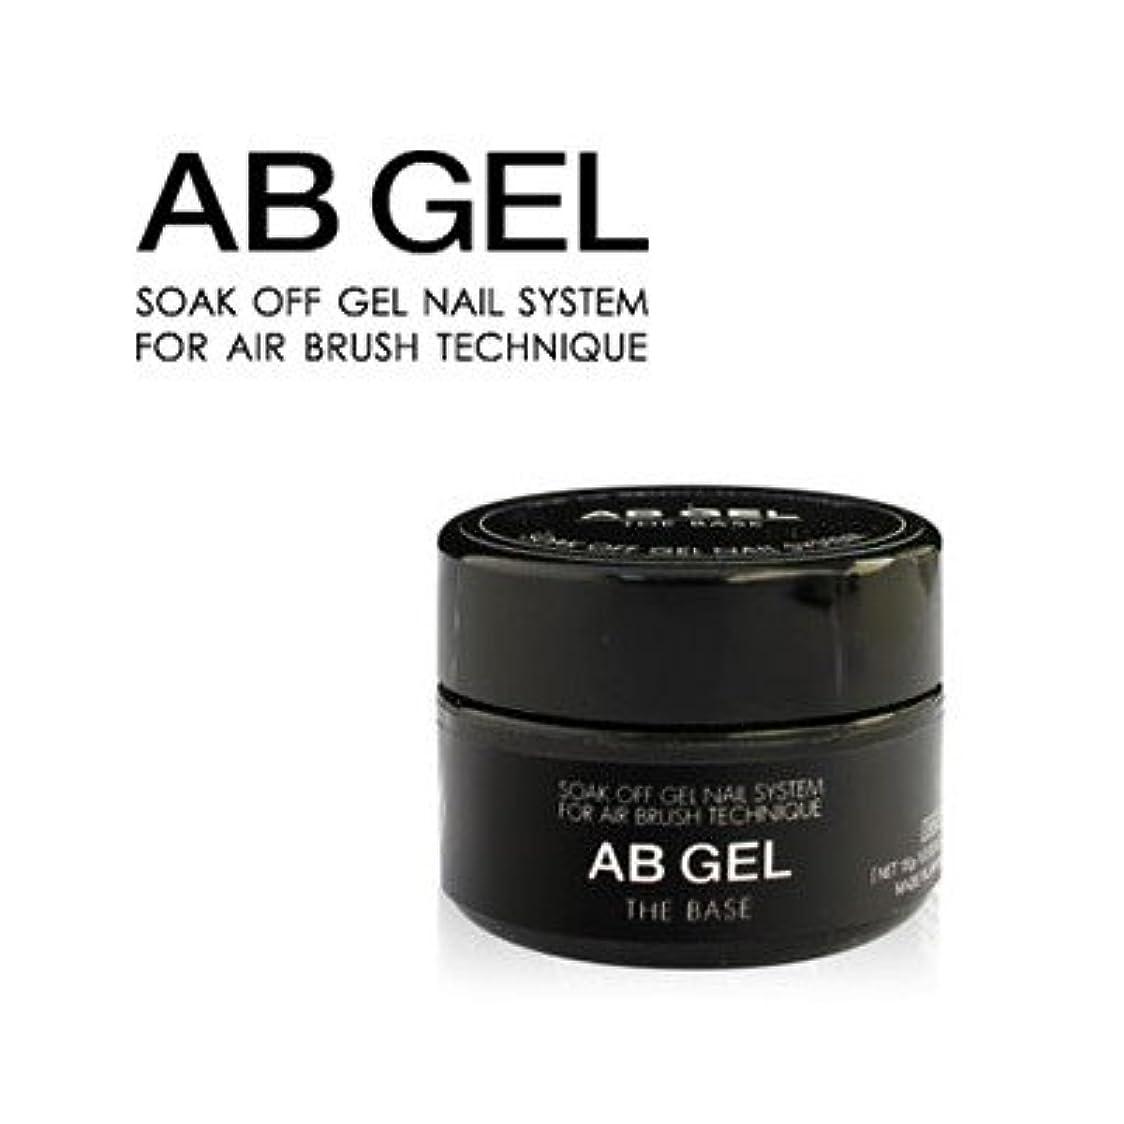 所有者きらきら単にベースジェル ジェルネイル AB GEL THE BASE 15g